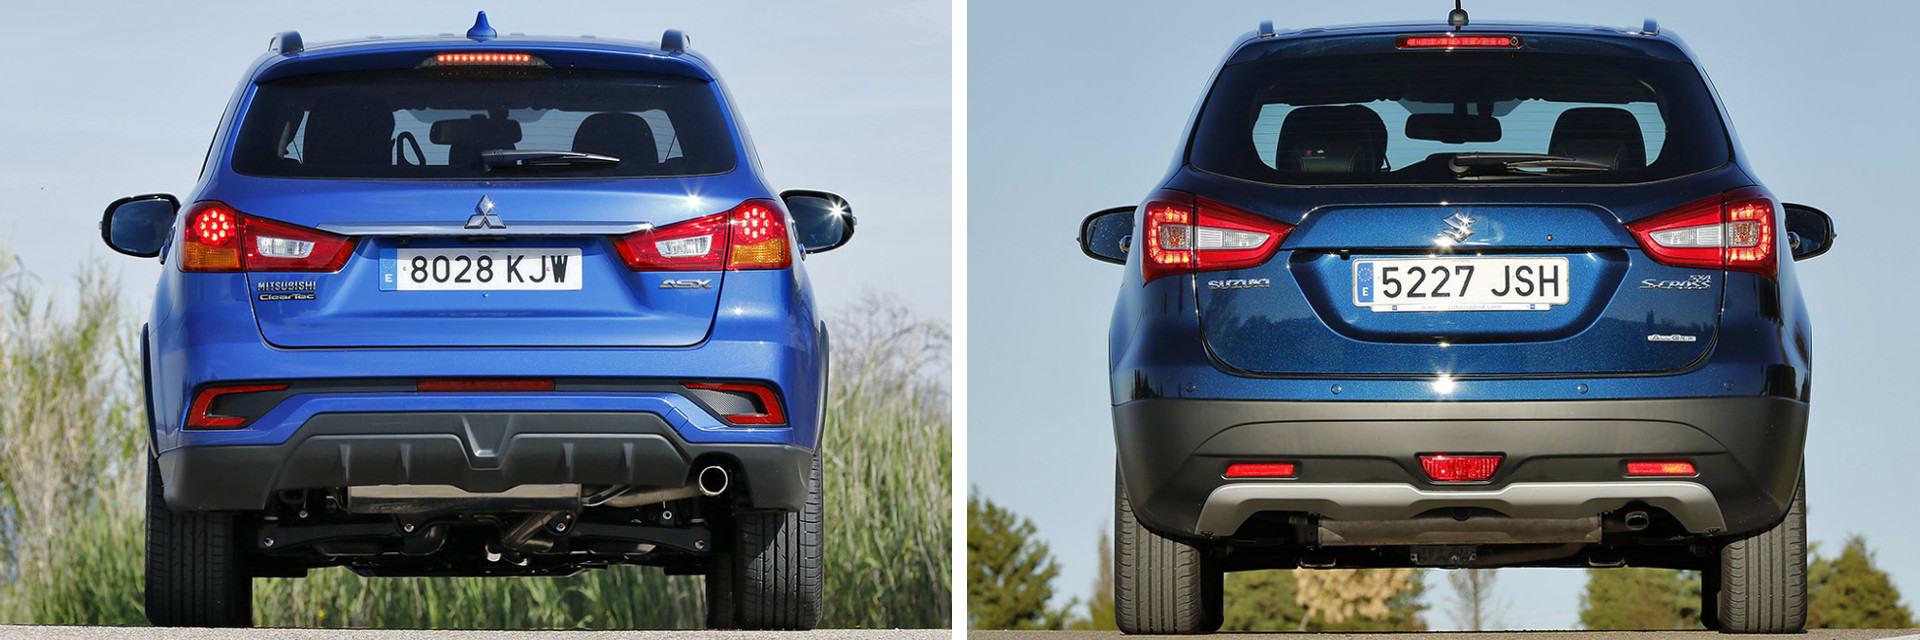 Estos dos coches tienen una distancia libre al suelo de 180 milímetros, más que suficiente para rodar por caminos que no estén perfectos.